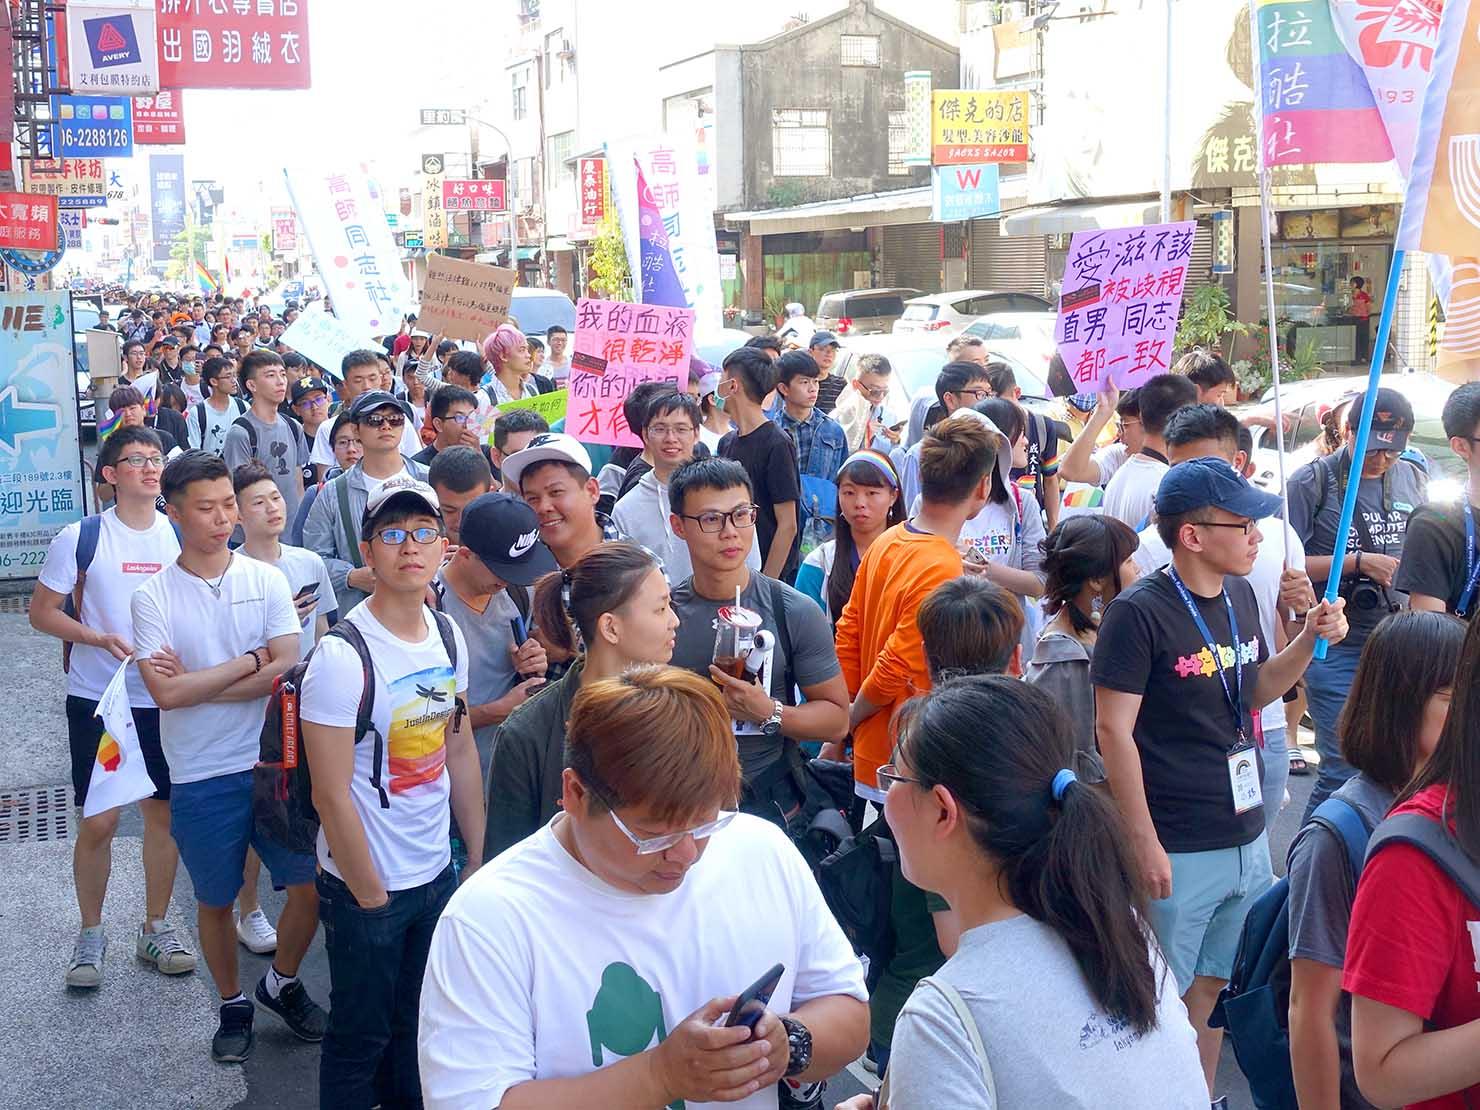 2018年台湾最初のLGBTプライド「台南彩虹遊行(台南レインボーパレード)」1万人のパレード隊列(正面)